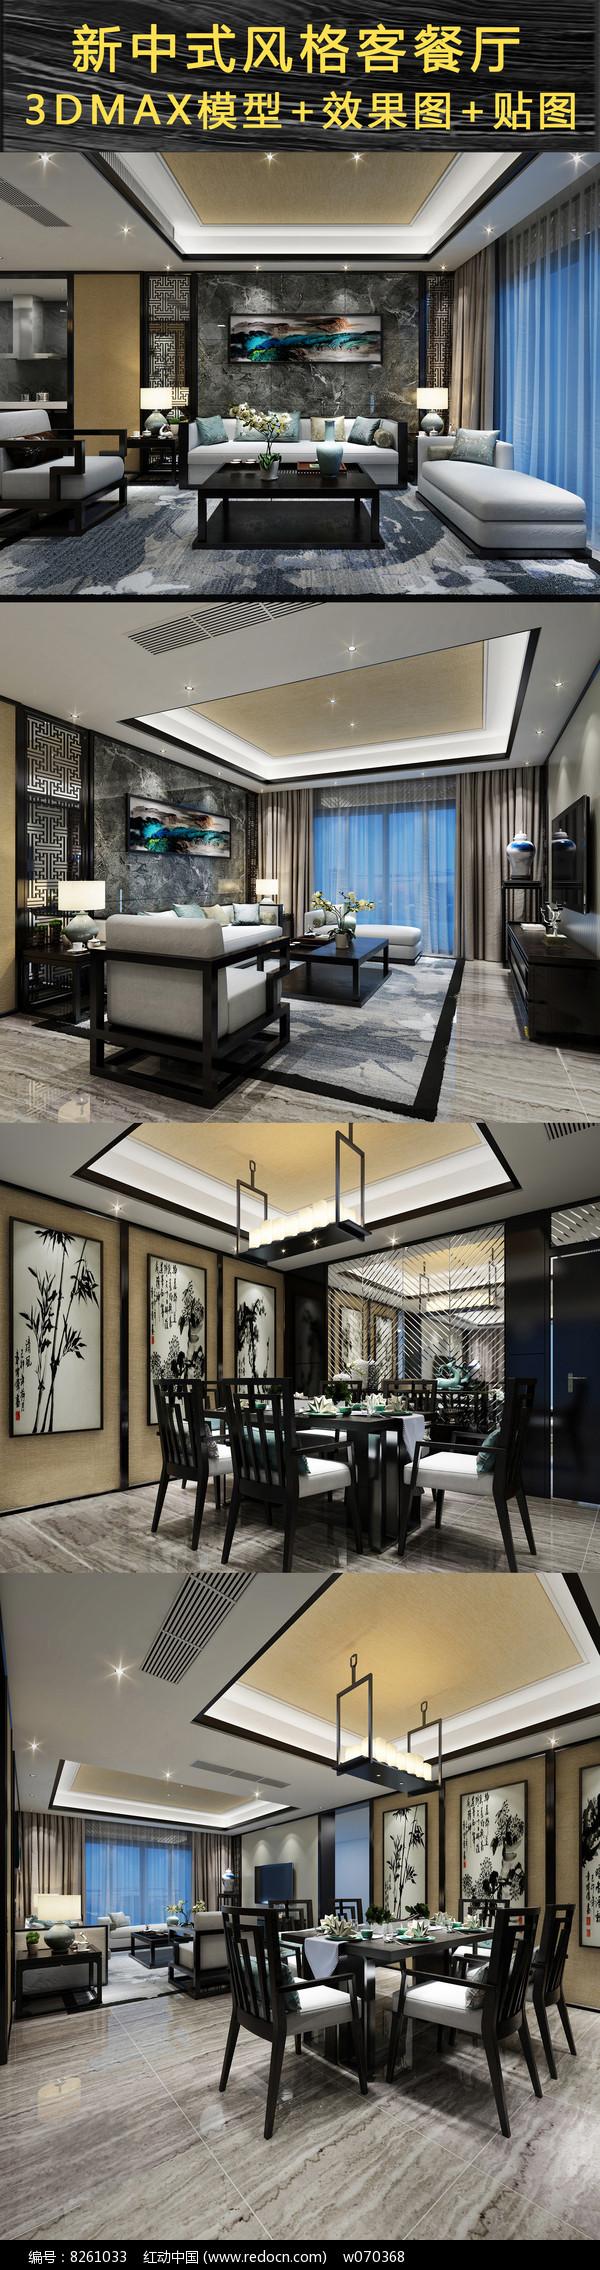 新中式客餐厅3DMAX模型素材(附贴图及效果图)图片